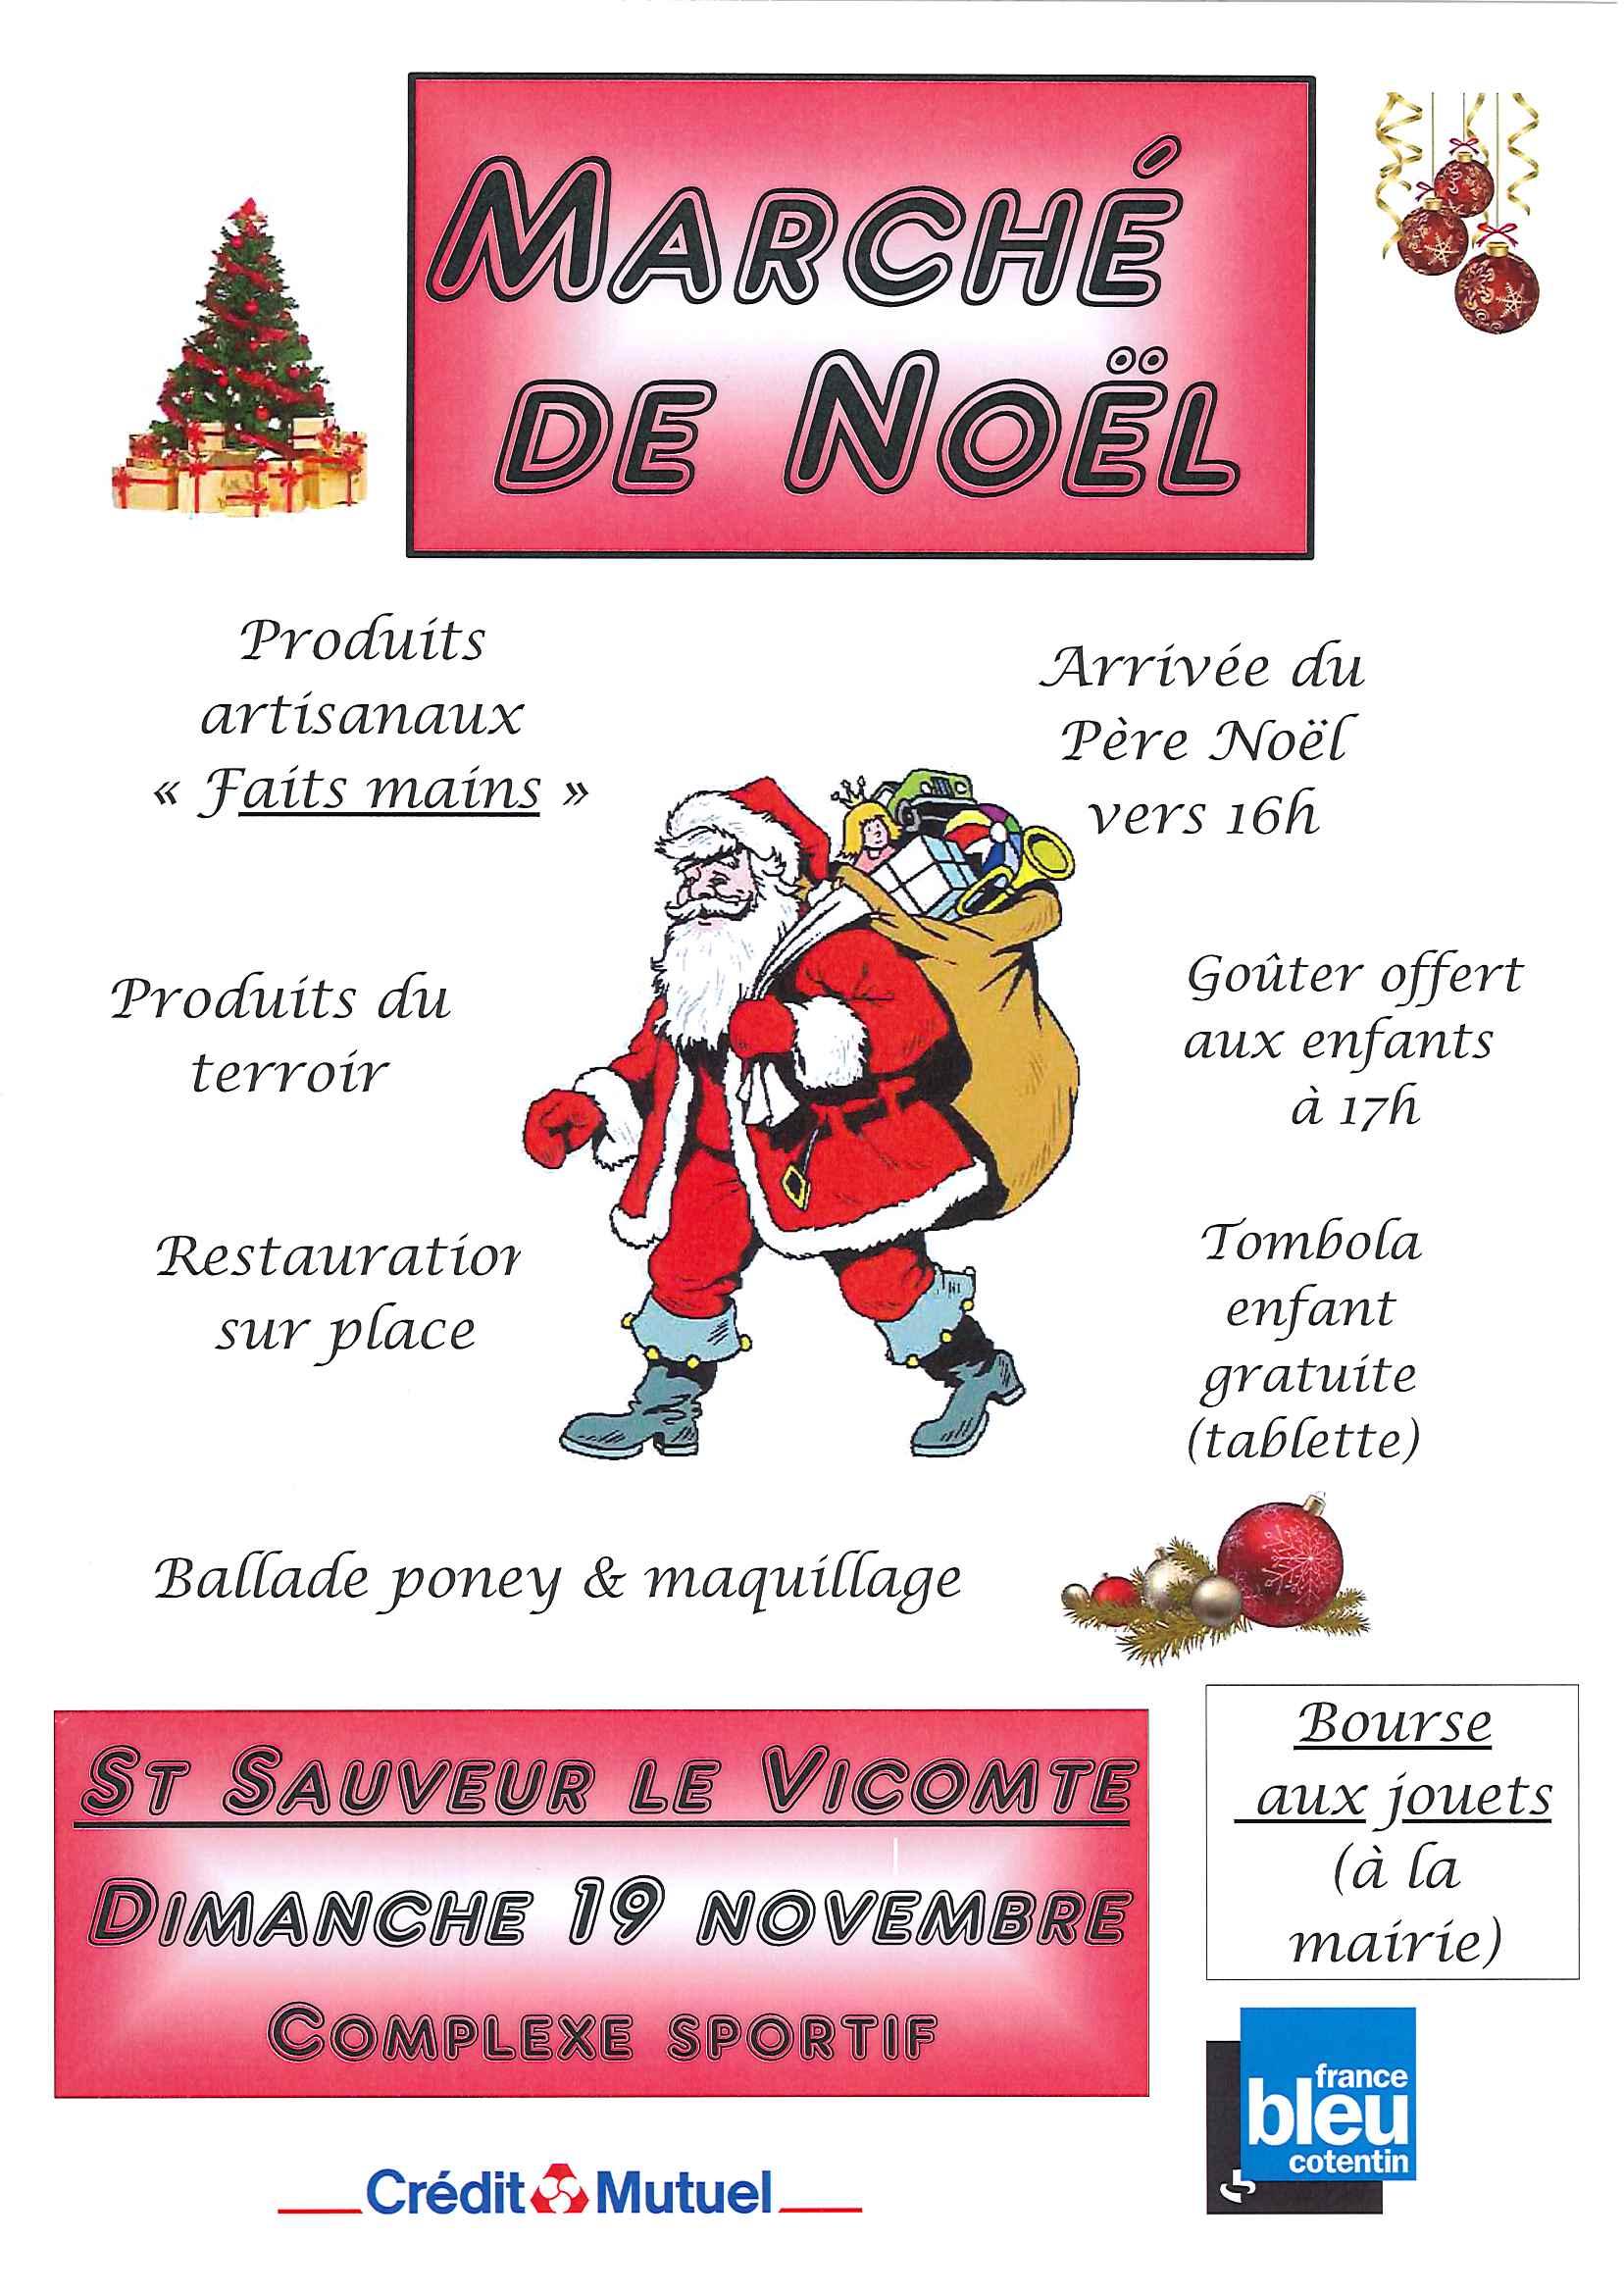 Marche de noel 2017 mairie de saint sauveur le vicomte - Piscine saint sauveur le vicomte ...